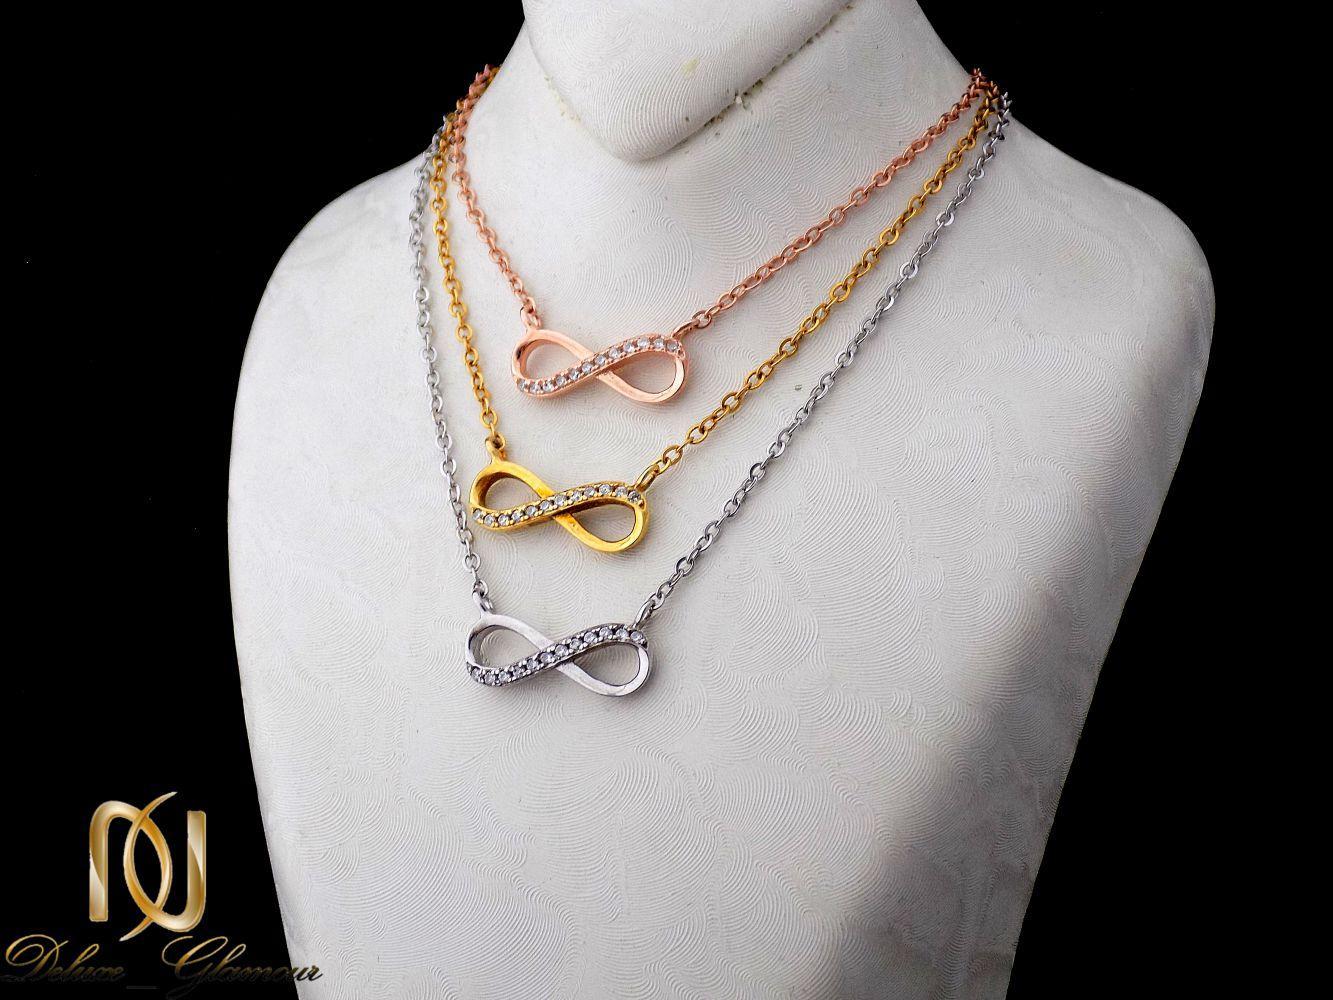 گردنبند نقره دخترانه سه رنگ و سه ردیفه طرح بینهایت Nw-n251 (2)